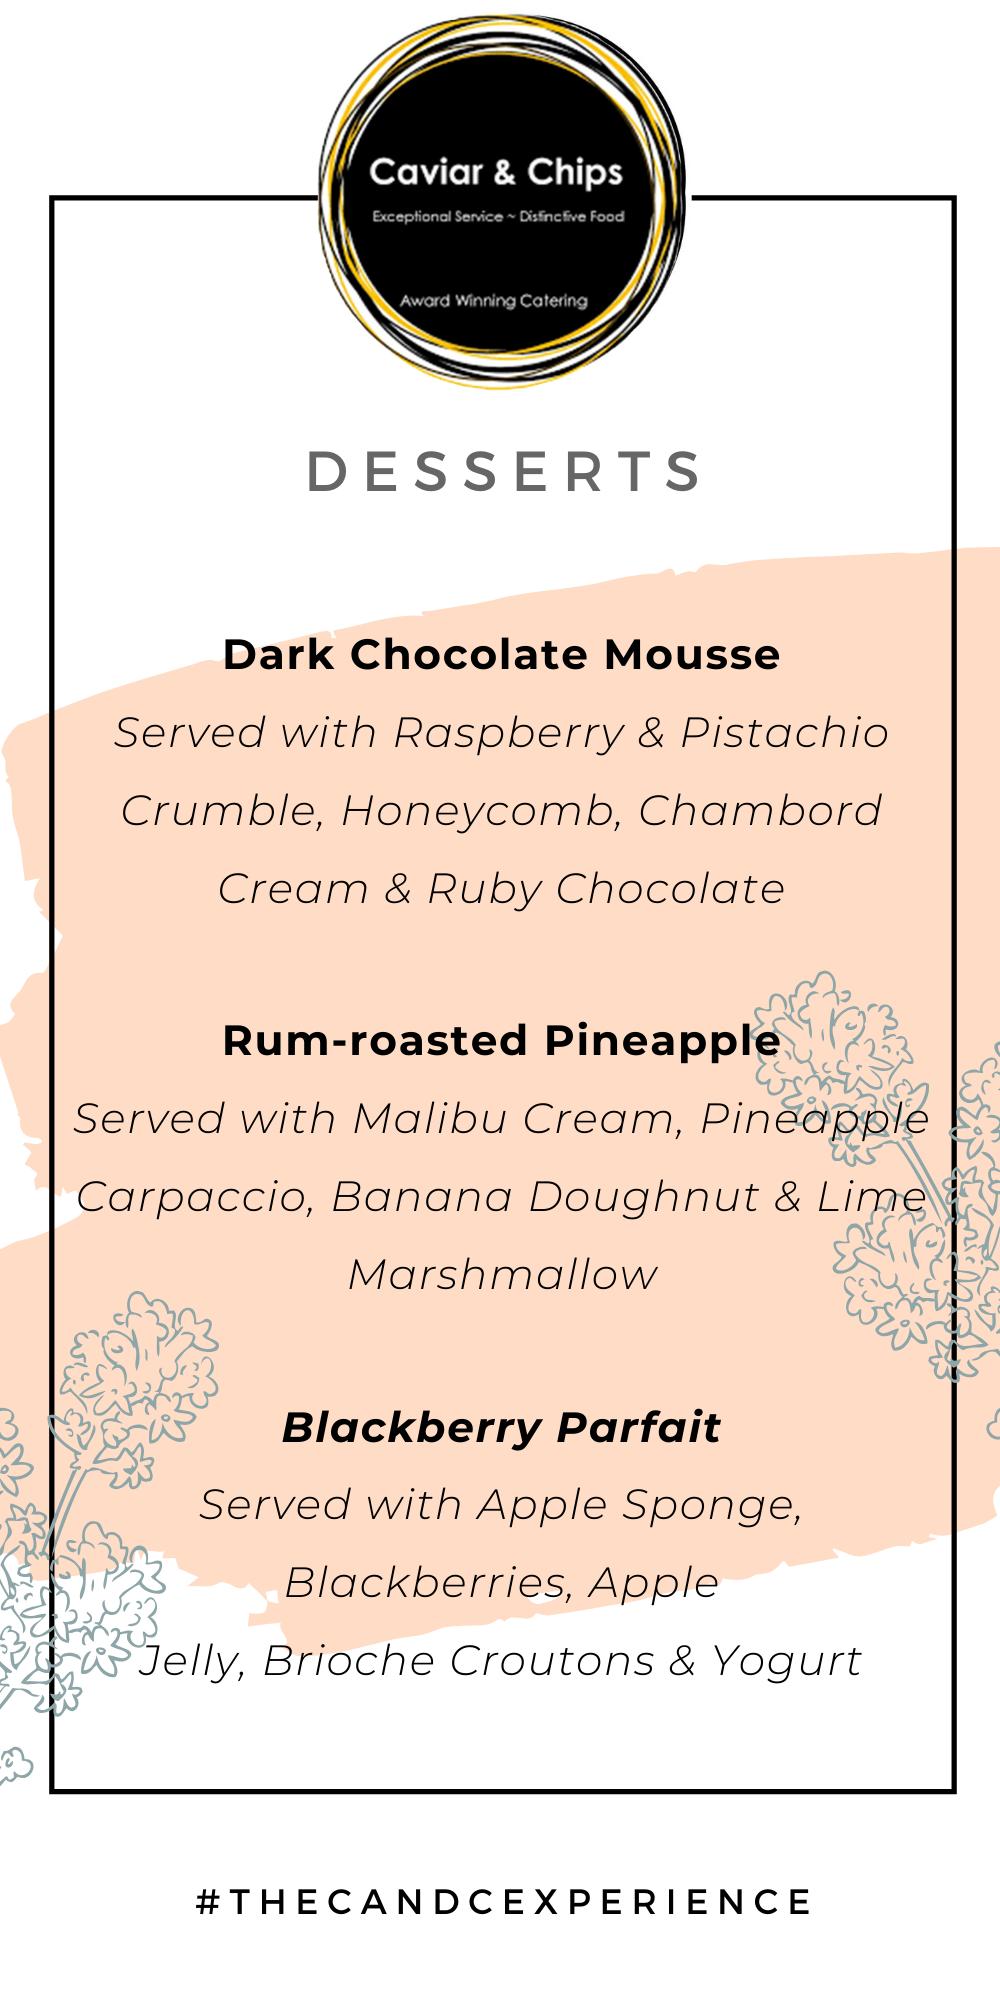 Dessert ideas for an autumn inspired wedding menu